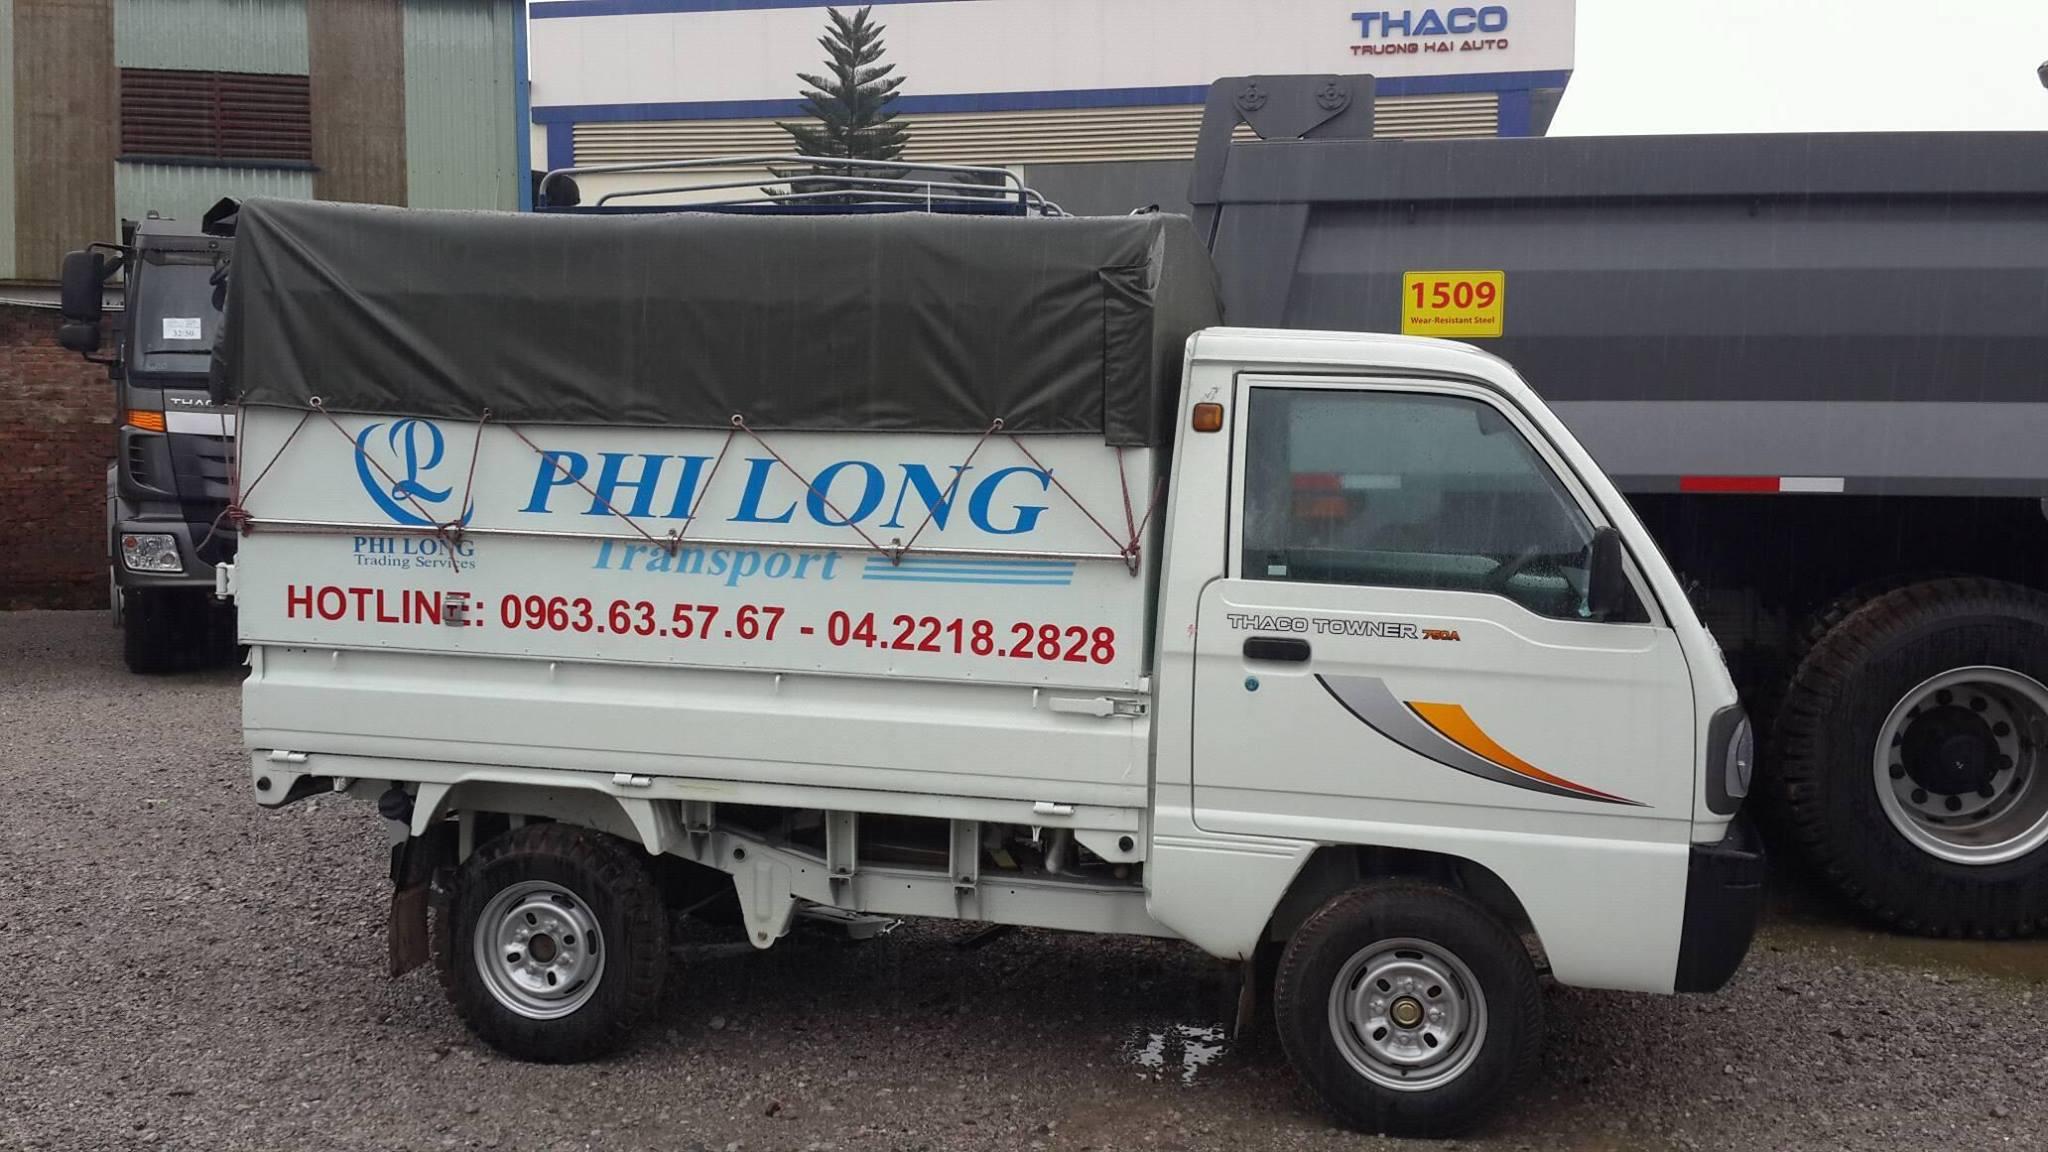 Taxi tải chuyển nhà trọn gói Phi Long tại phố Vũ Tông Phan